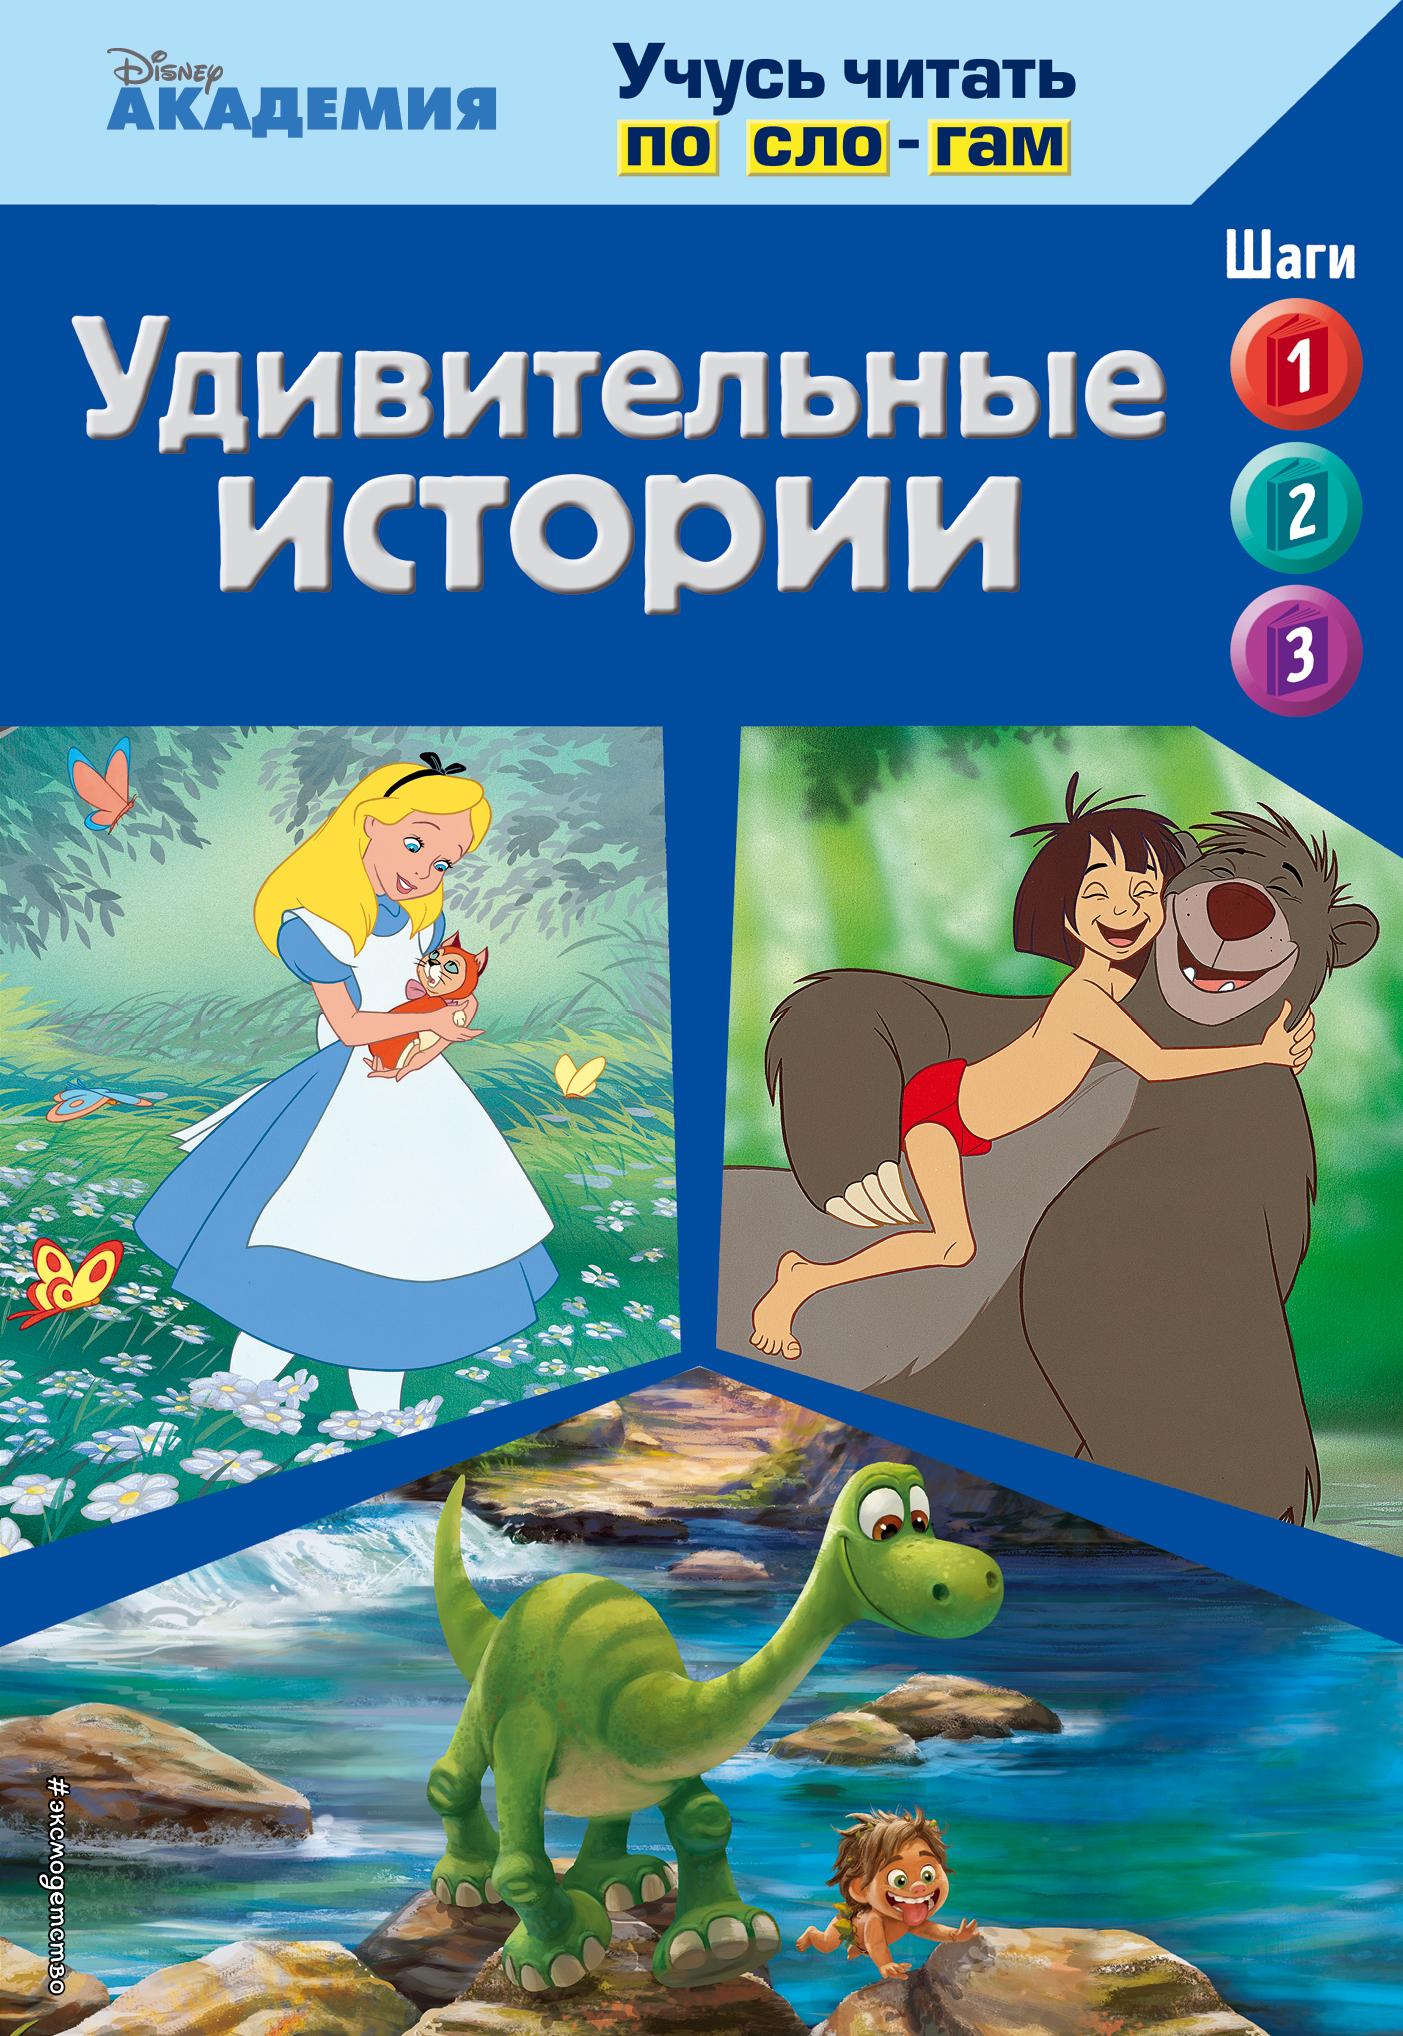 Удивительные истории (The Jungle Book, The Good Dinosaur, Alice in Wonderland) good dinosaur 62302 хороший динозавр фигурки буч и трицератопс